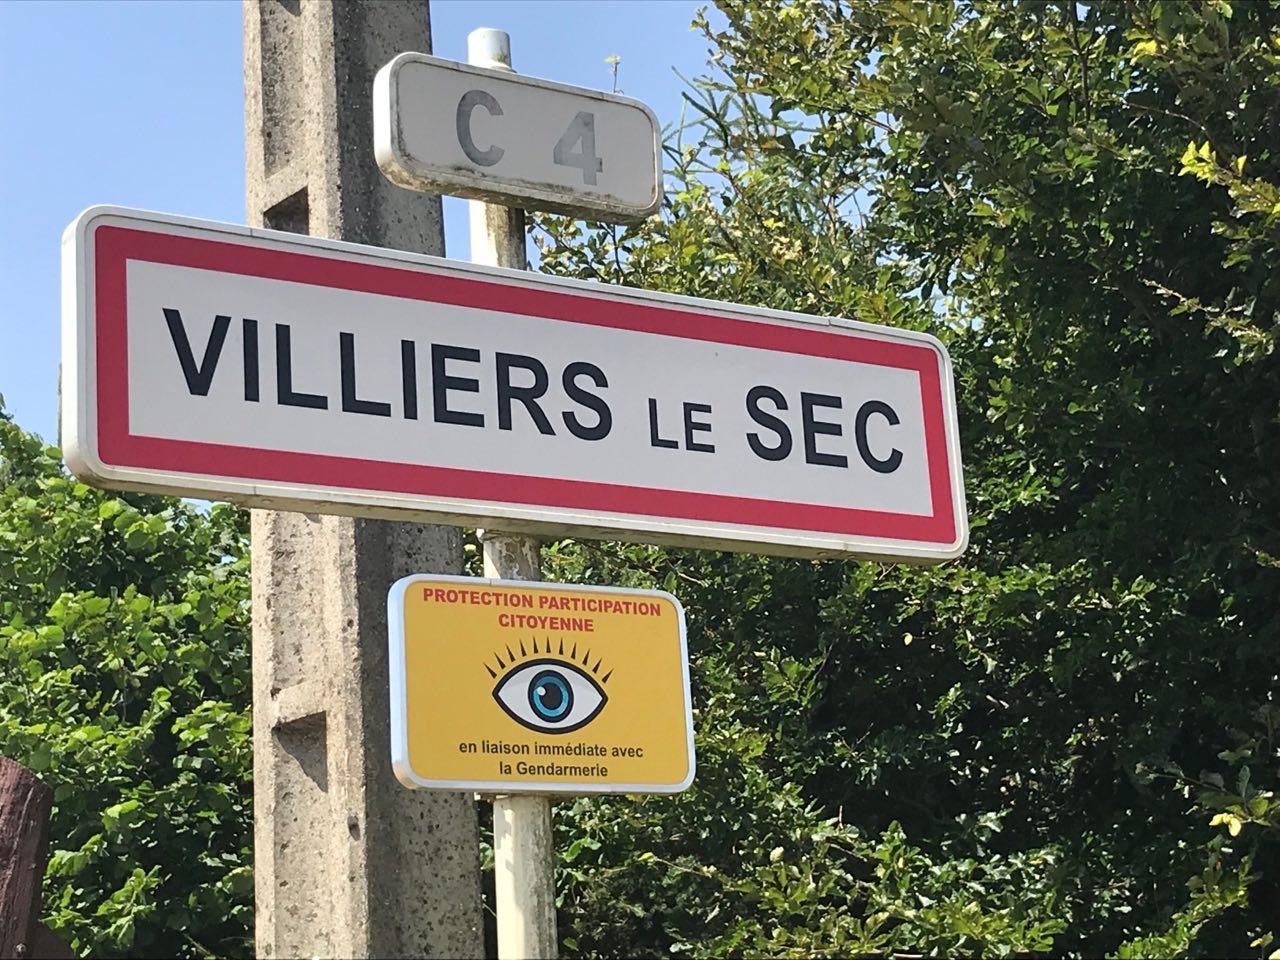 Participation citoyenne à Villiers le Sec